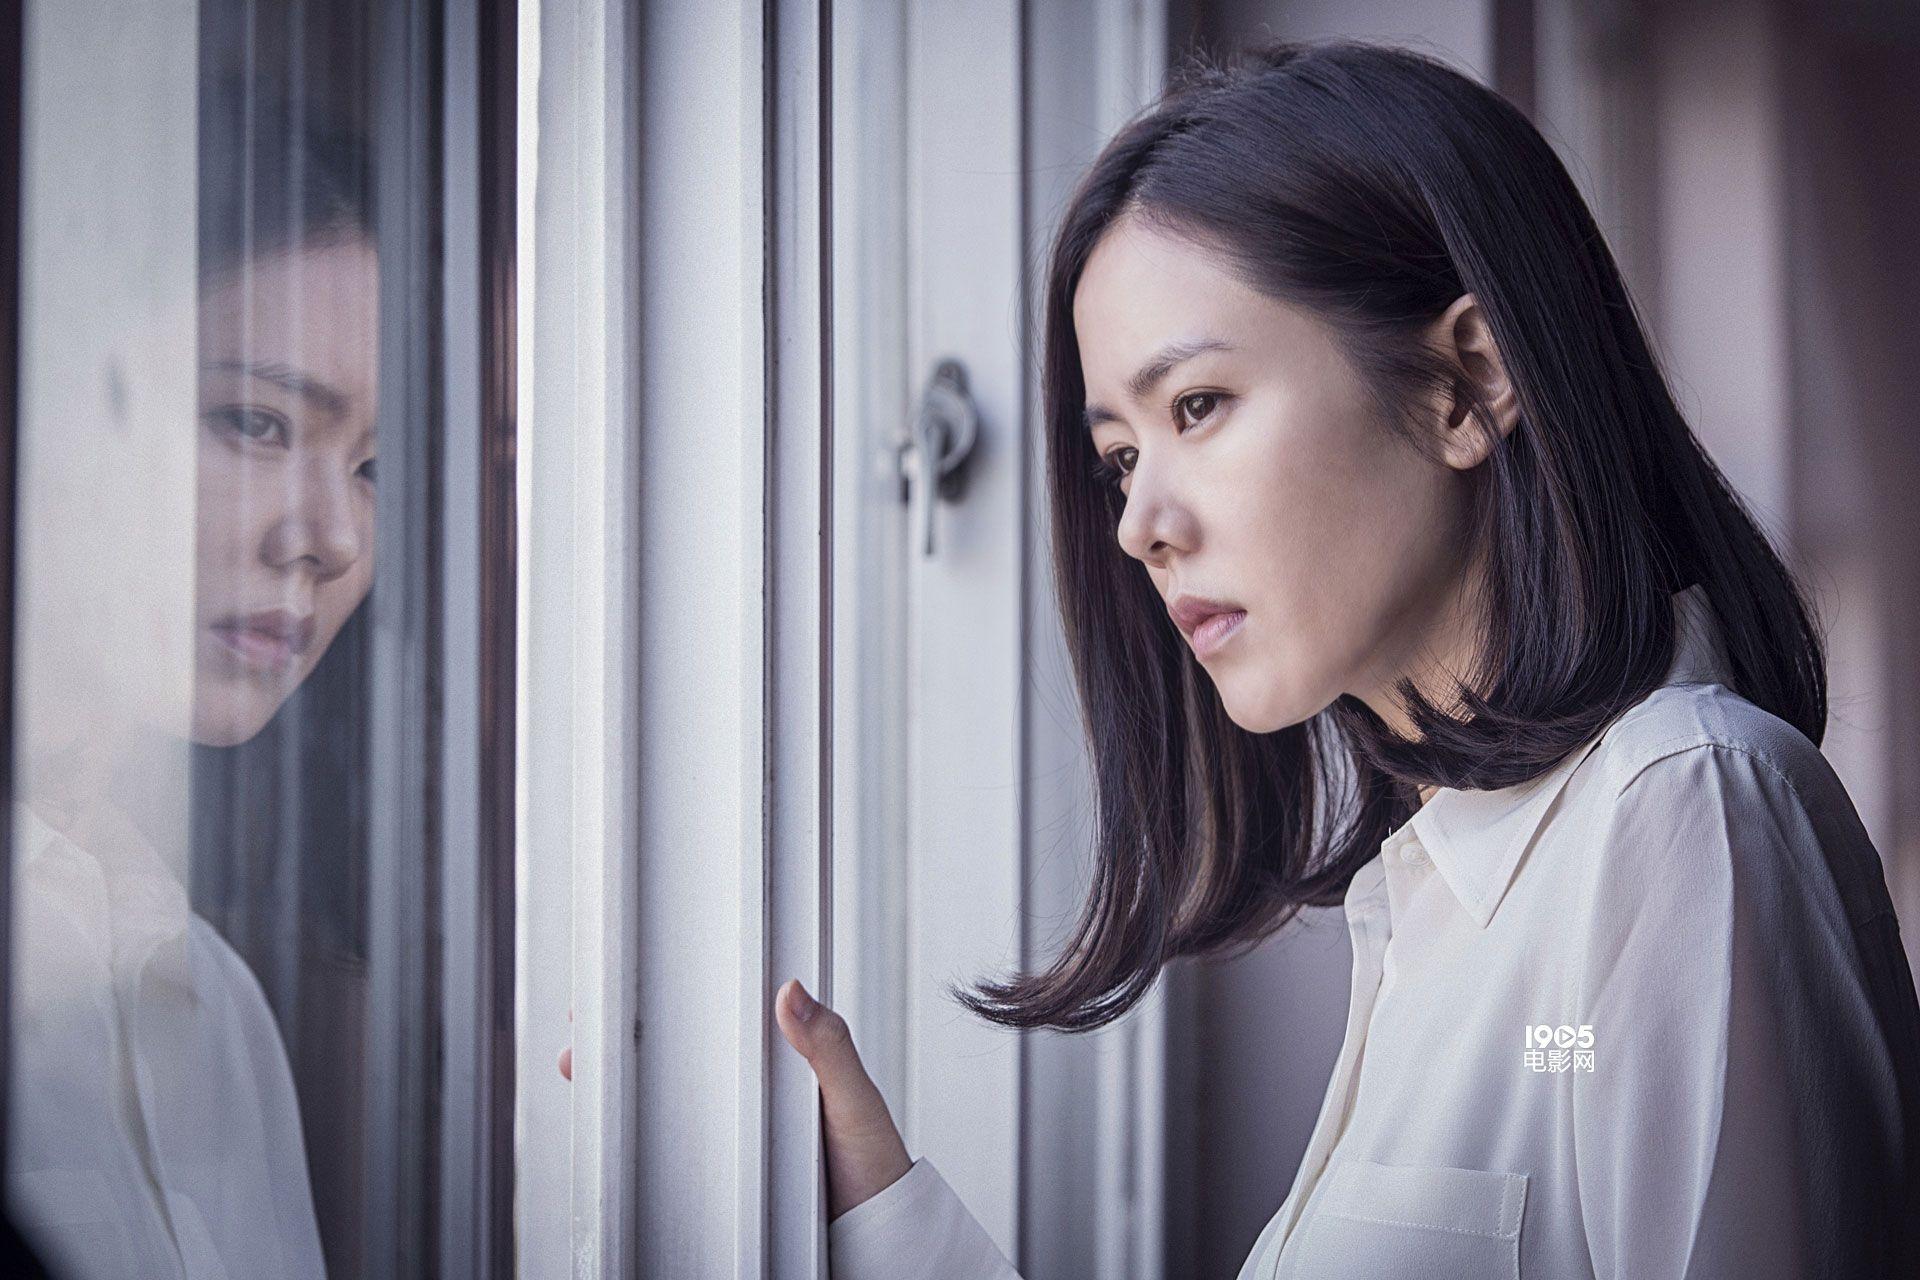 《没有秘密》曝光新剧照 孙艺珍展现多面演技